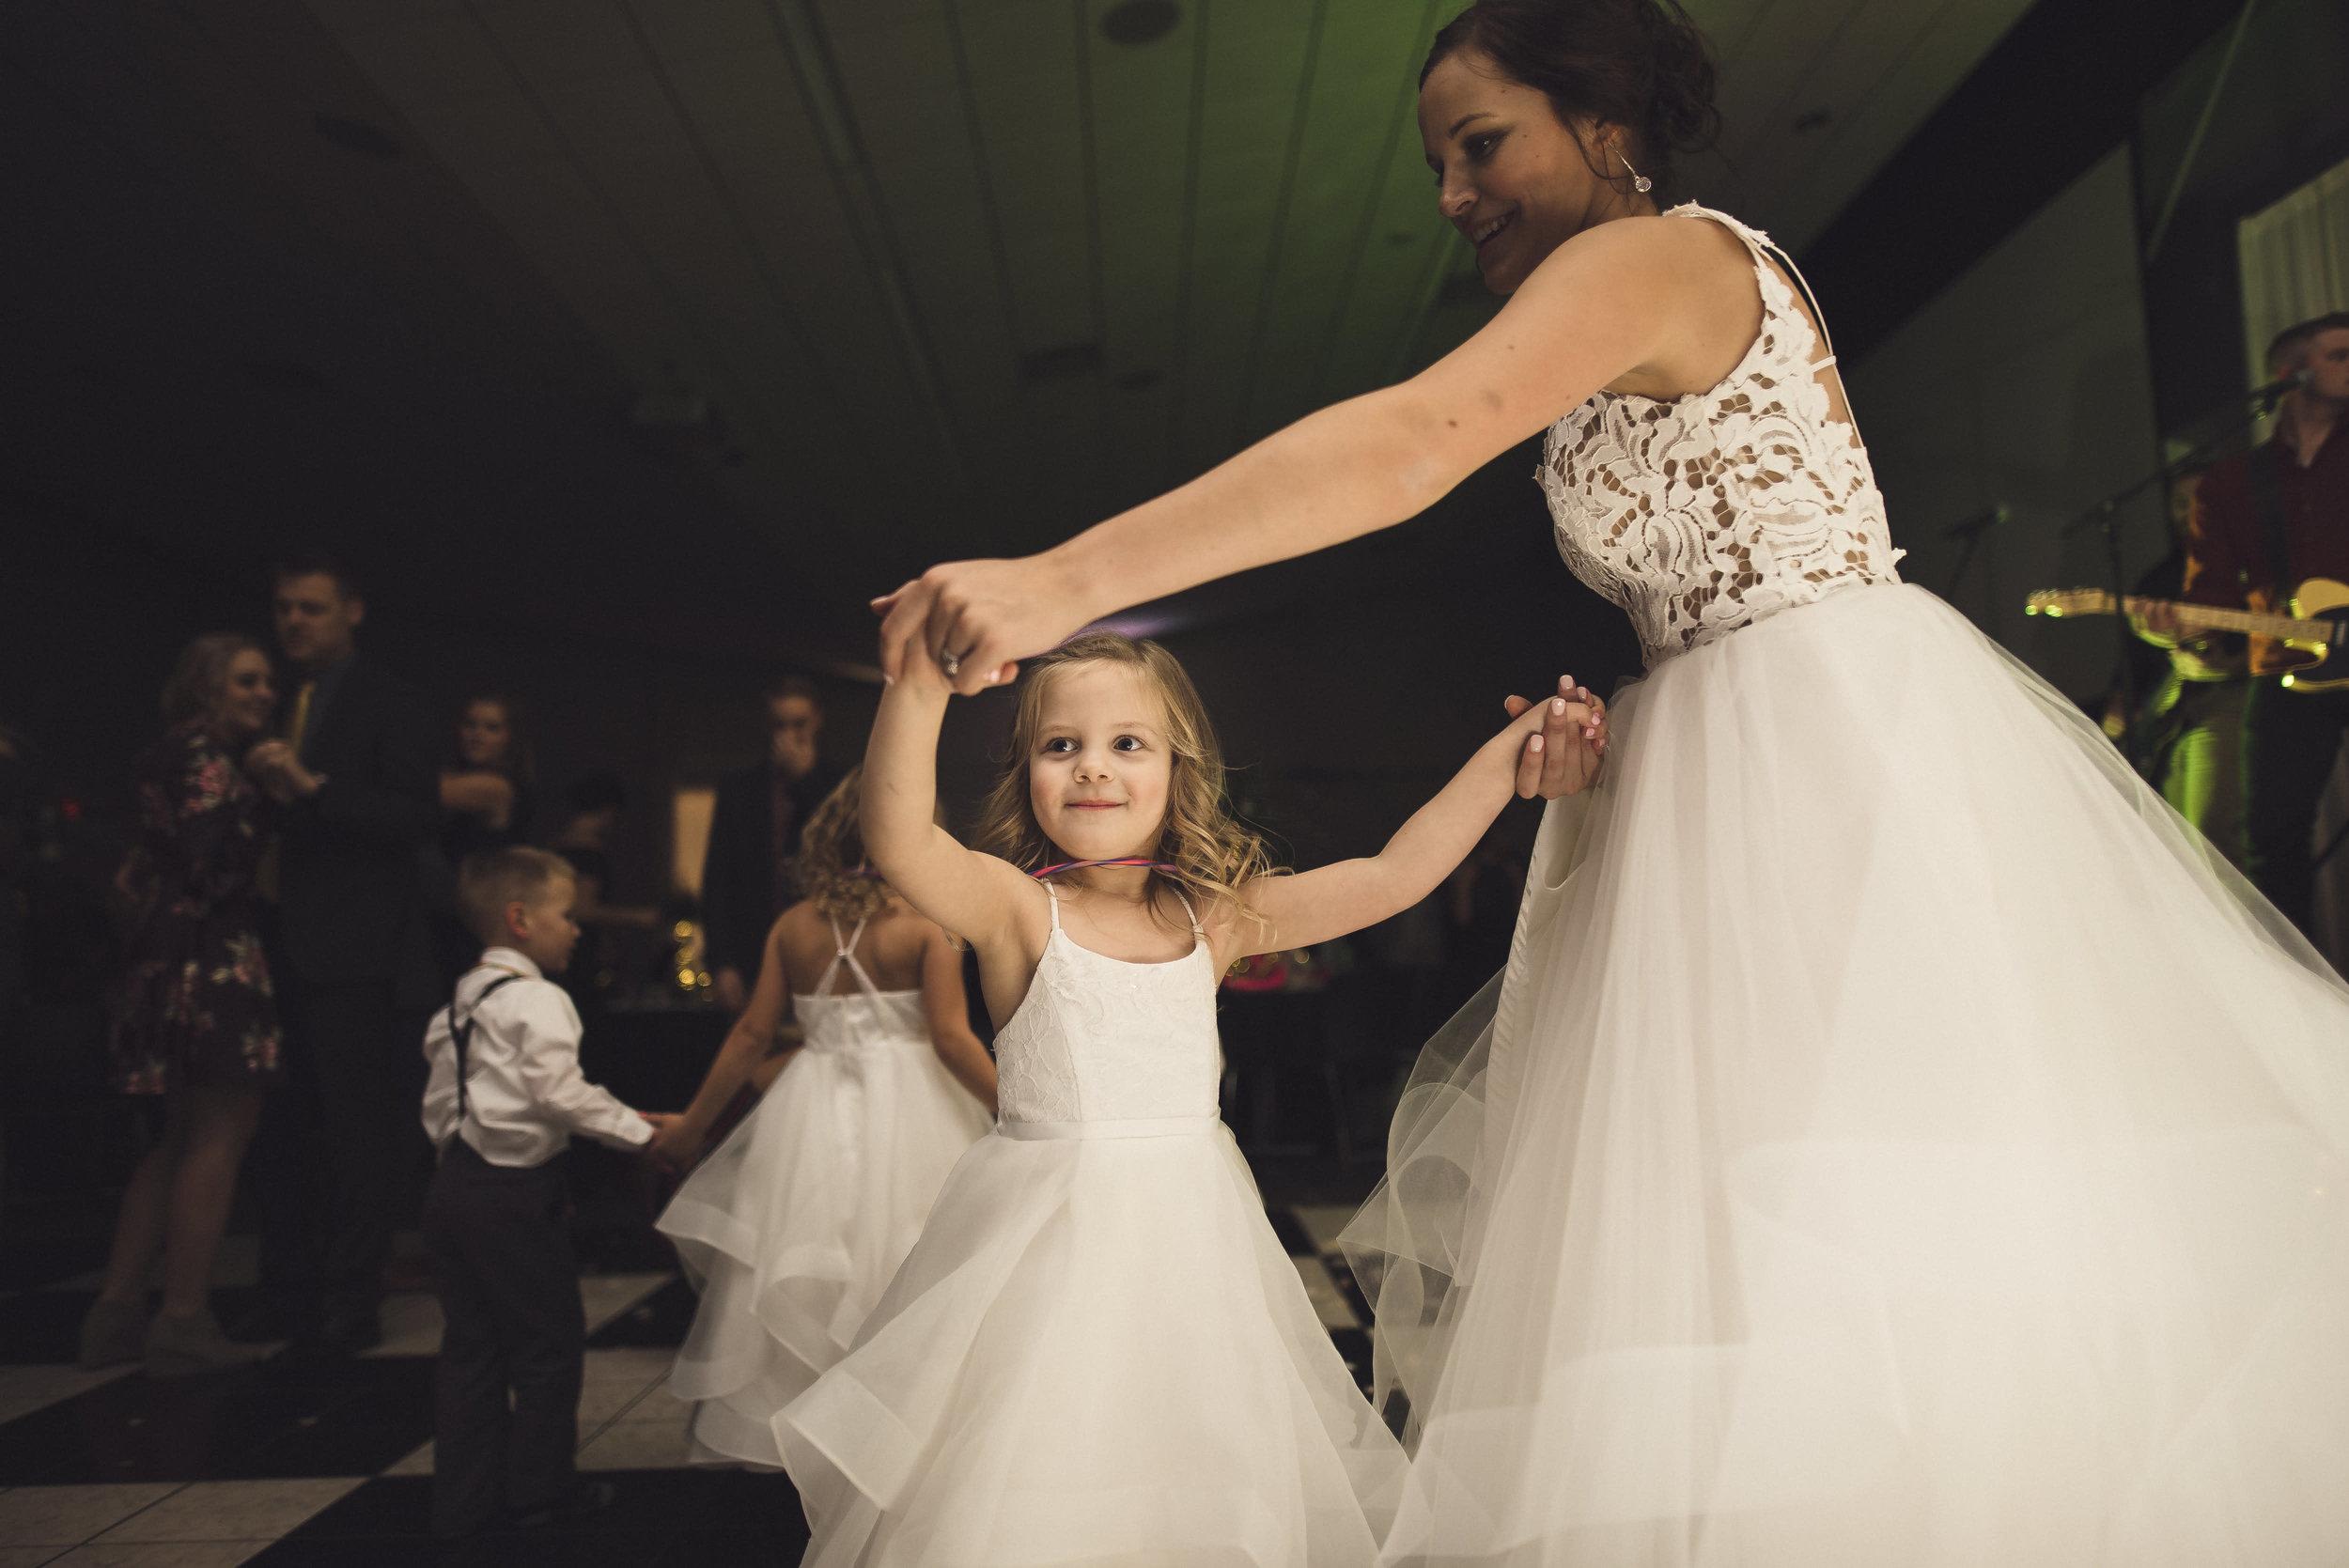 des_moines_wedding_sadie_derek_789.jpg